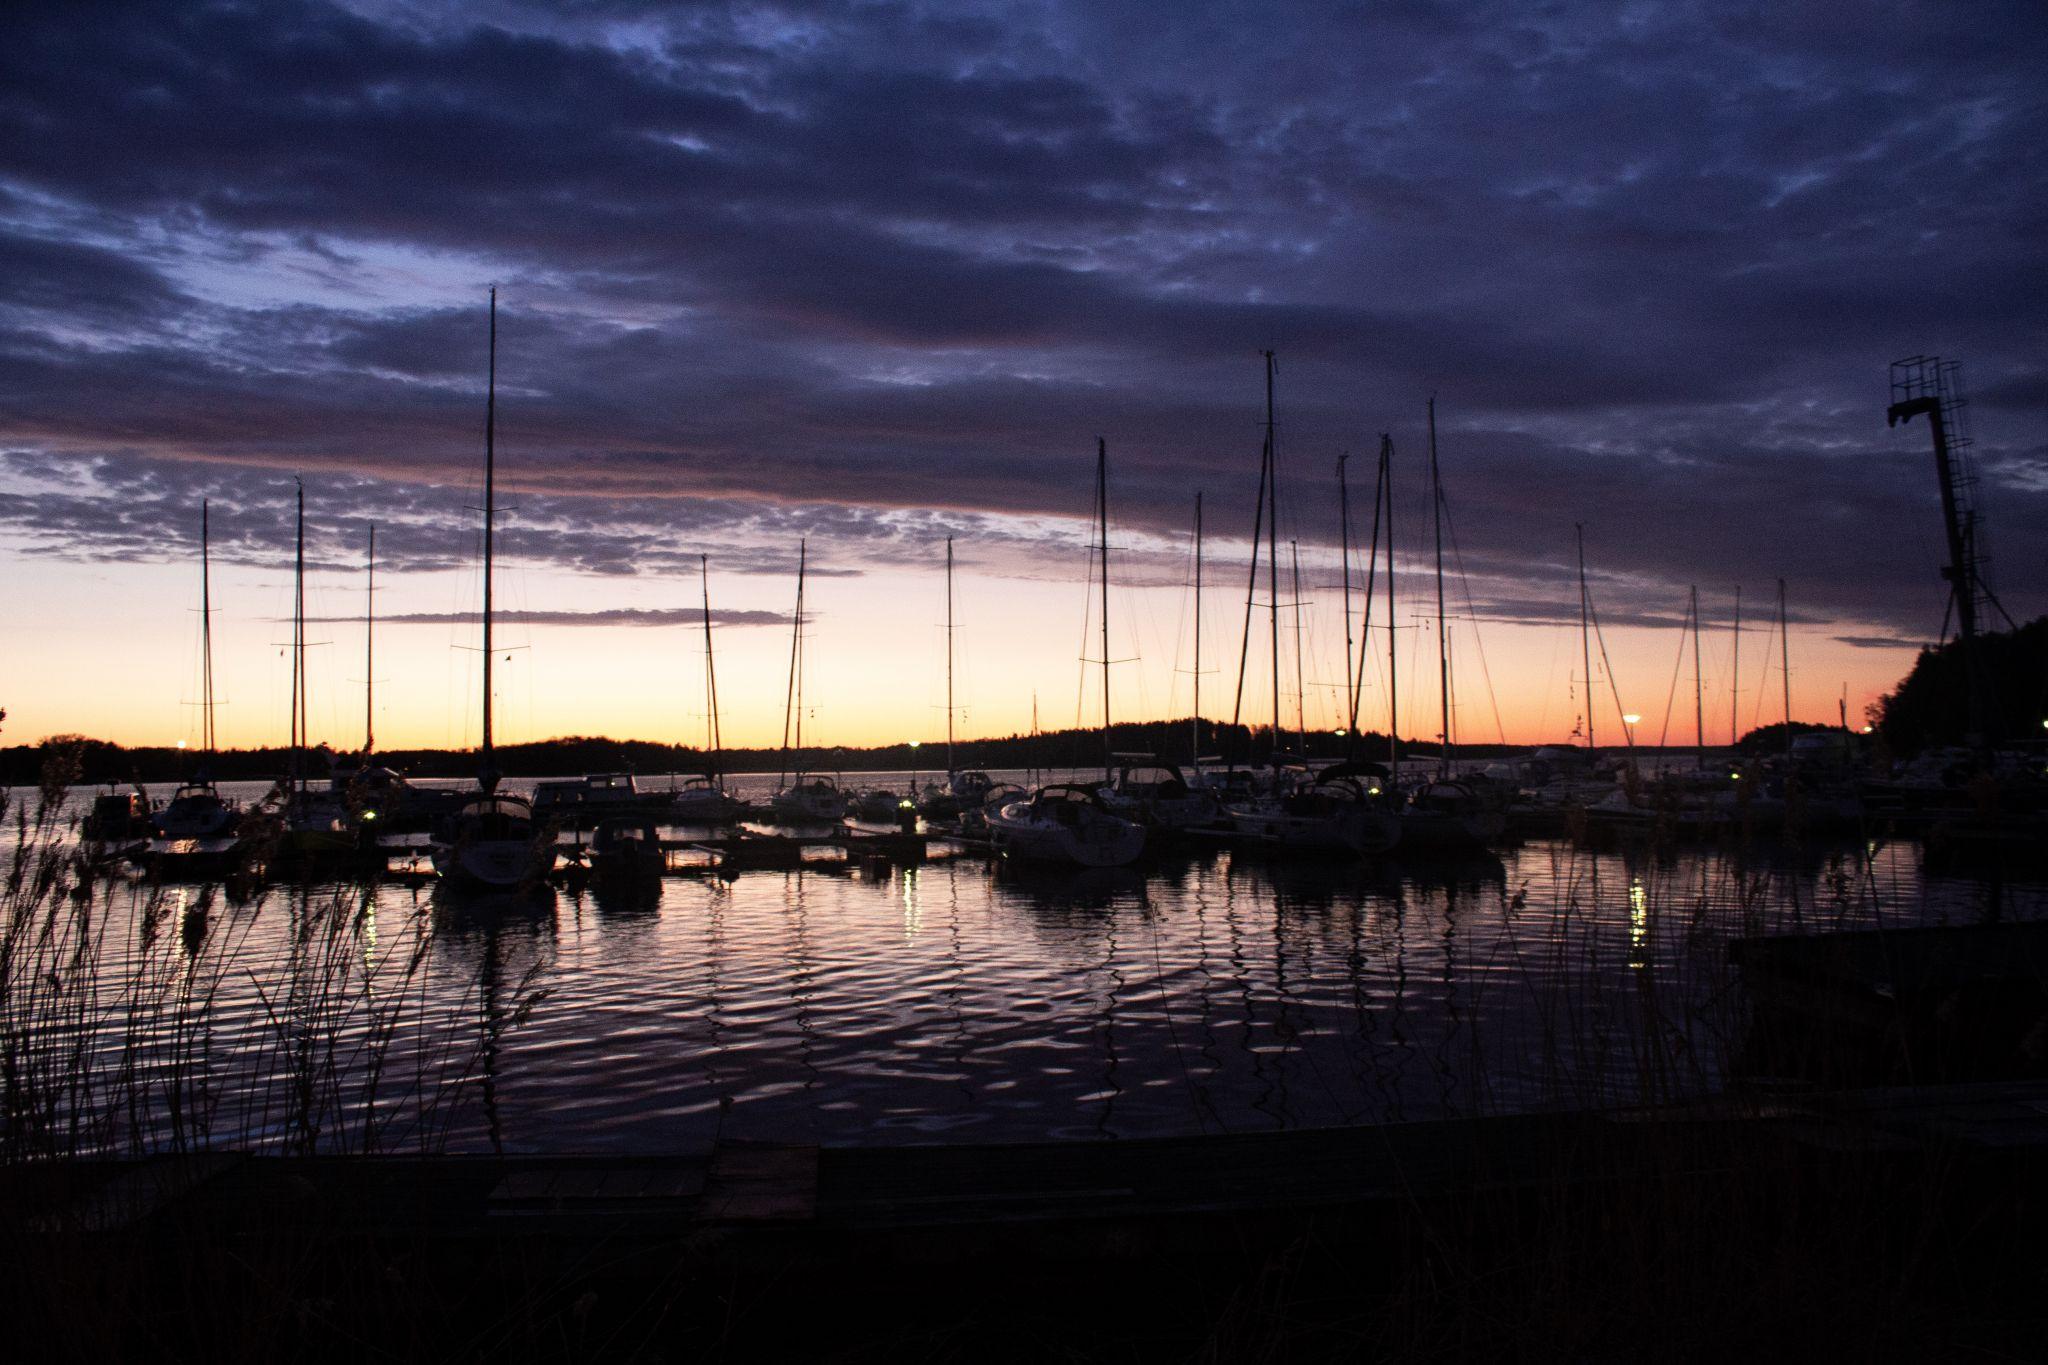 Sunrise over the docks, Sweden